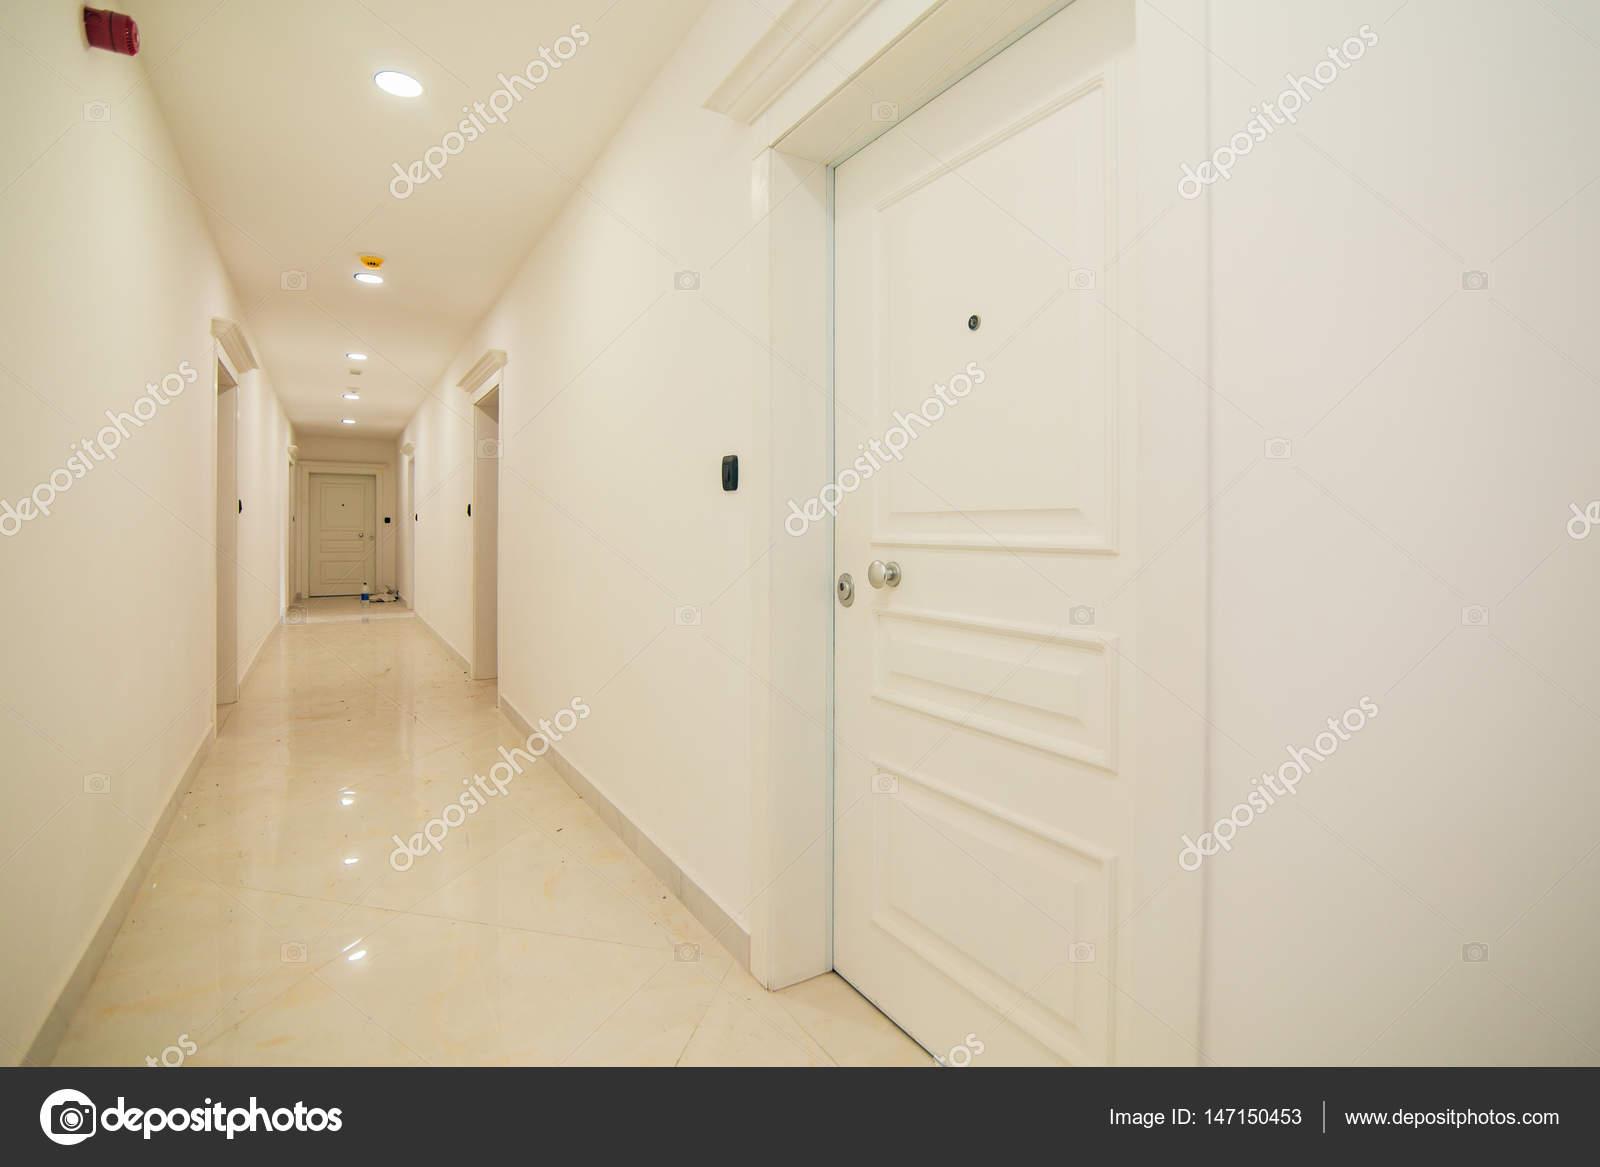 Flur in der Wohnung. Die vordere Tür zu Zimmer — Stockfoto ...